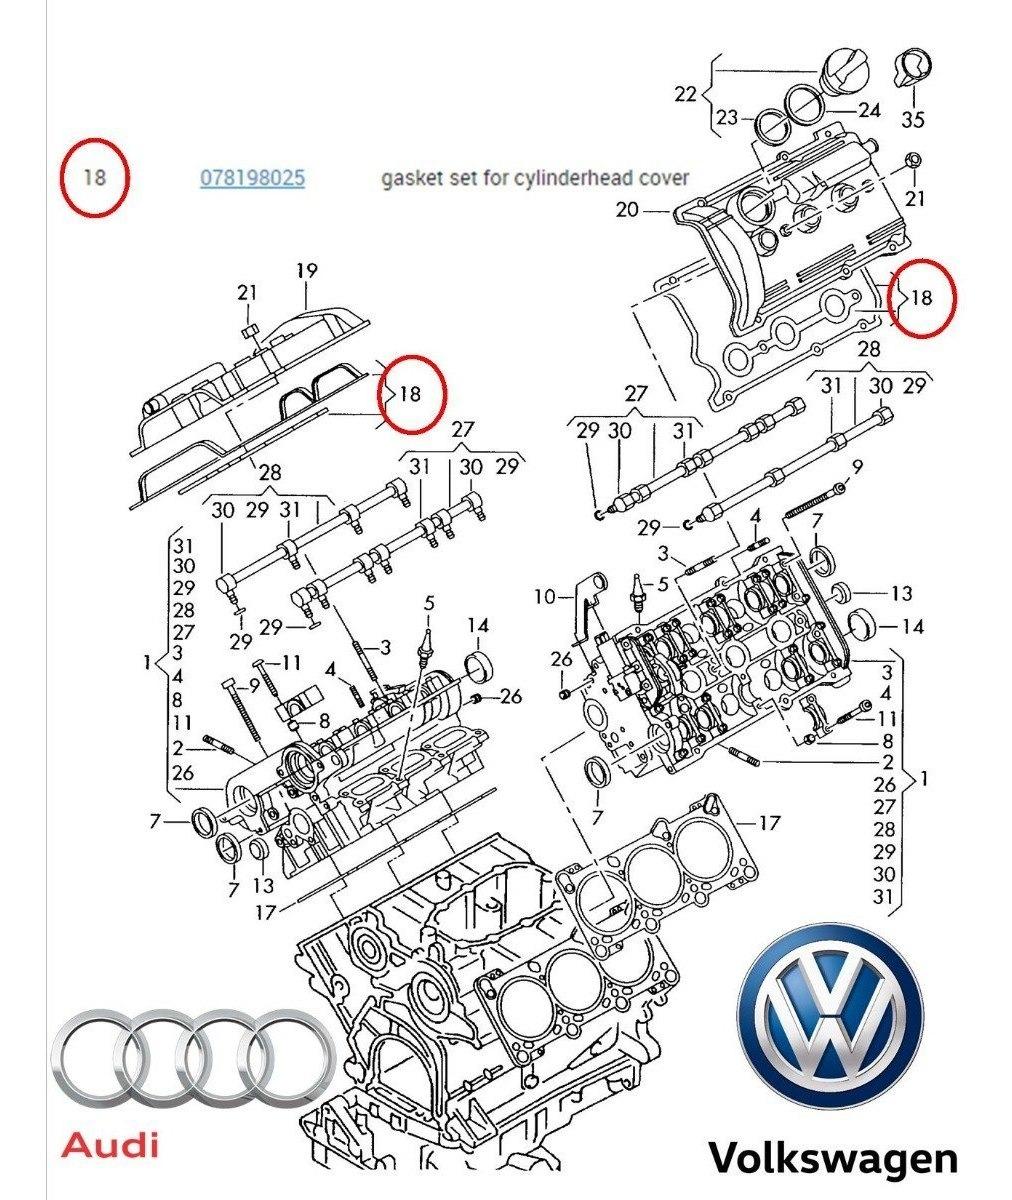 Junta Empaque Tapa Punteria Audi A4 A6 Vw Passat V6 / 97